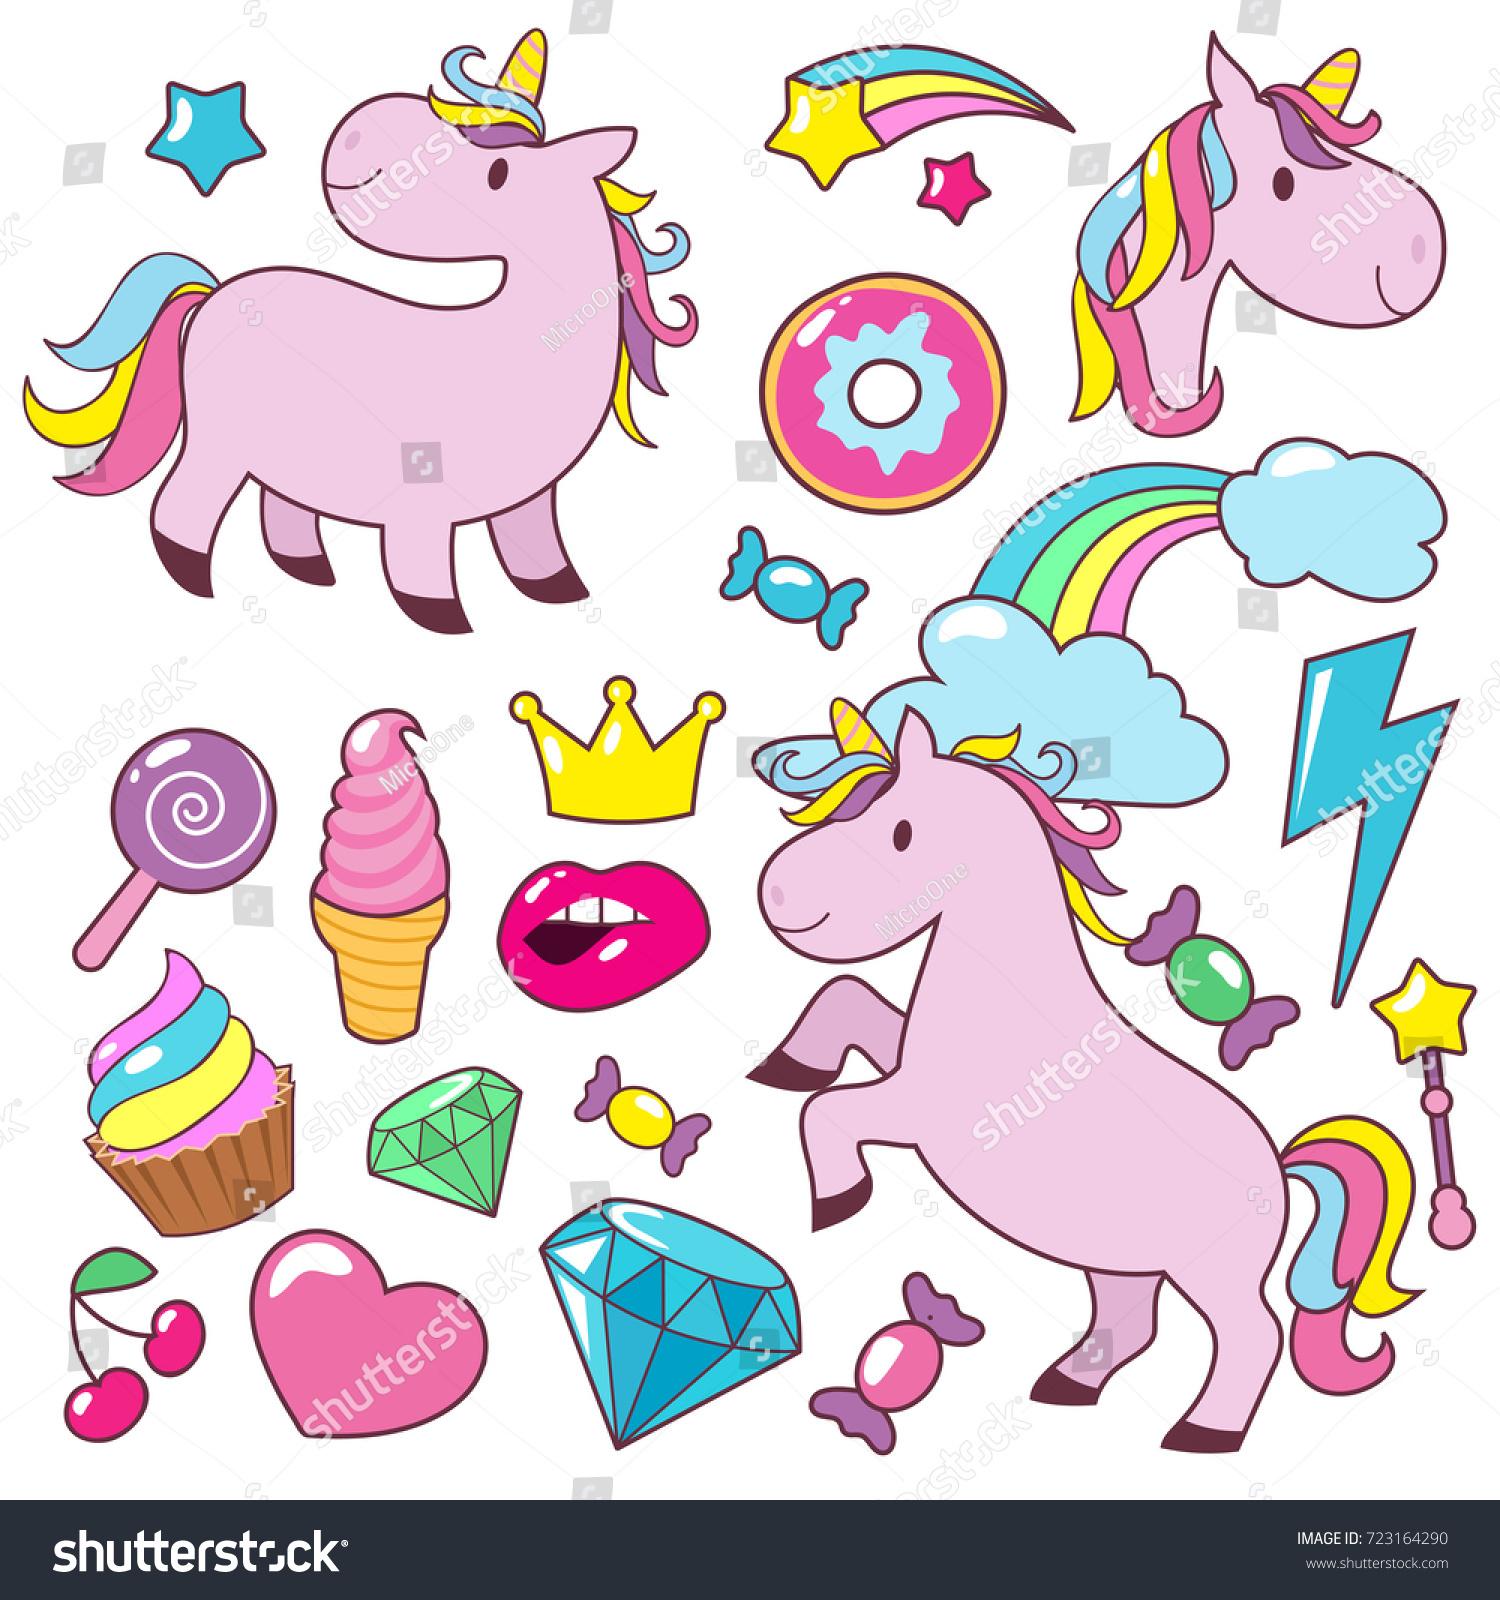 Vector De Stock Libre De Regalias Sobre Magic Cute Unicorns Baby Horses Vector723164290